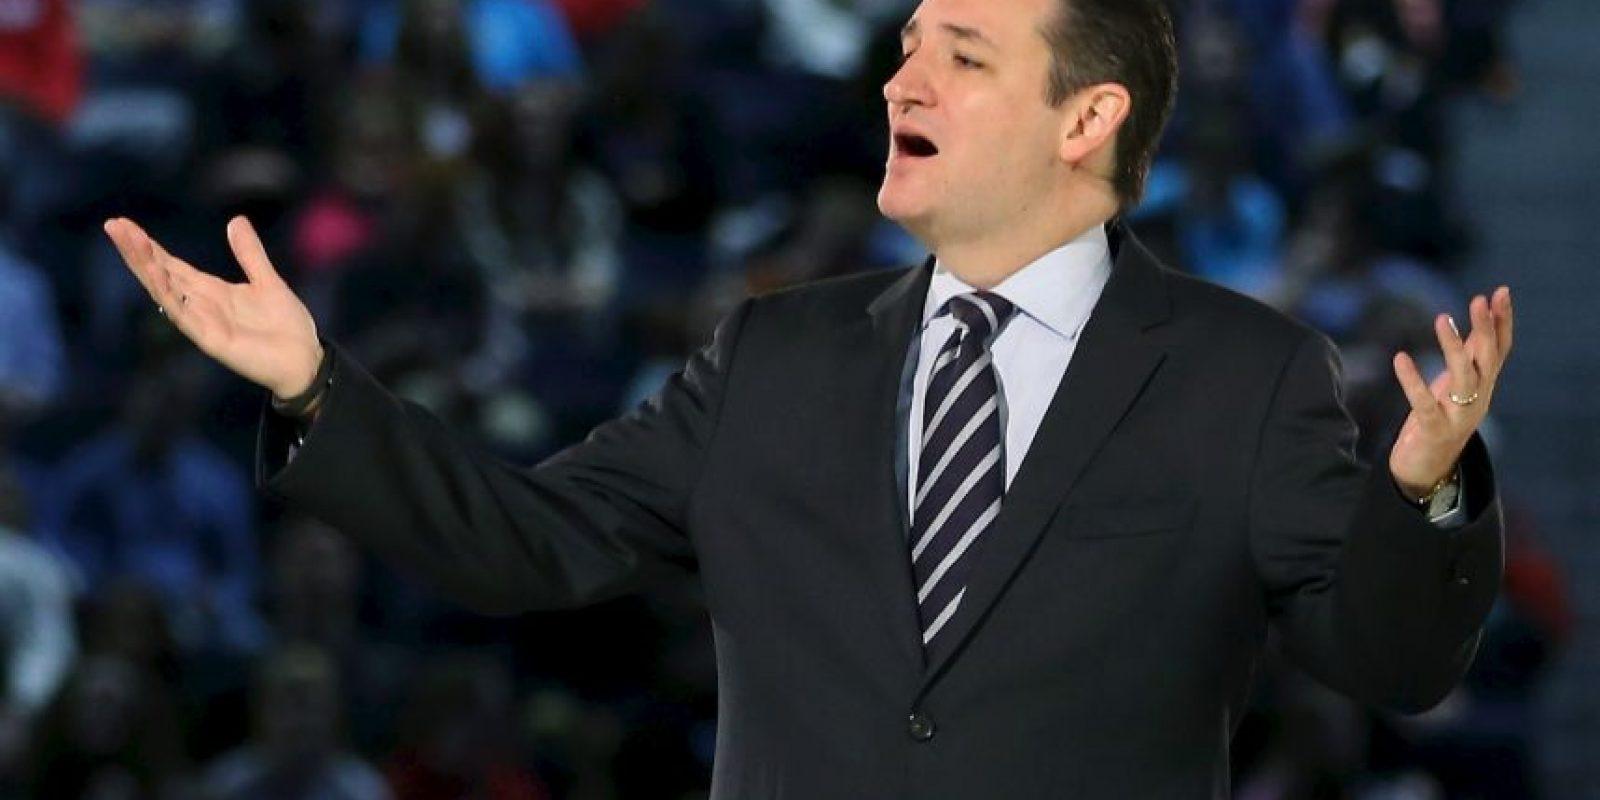 Es hijo de Rafel Cruz, cubano exiliado. Fue electo al senado en 2012 Foto:Getty Images